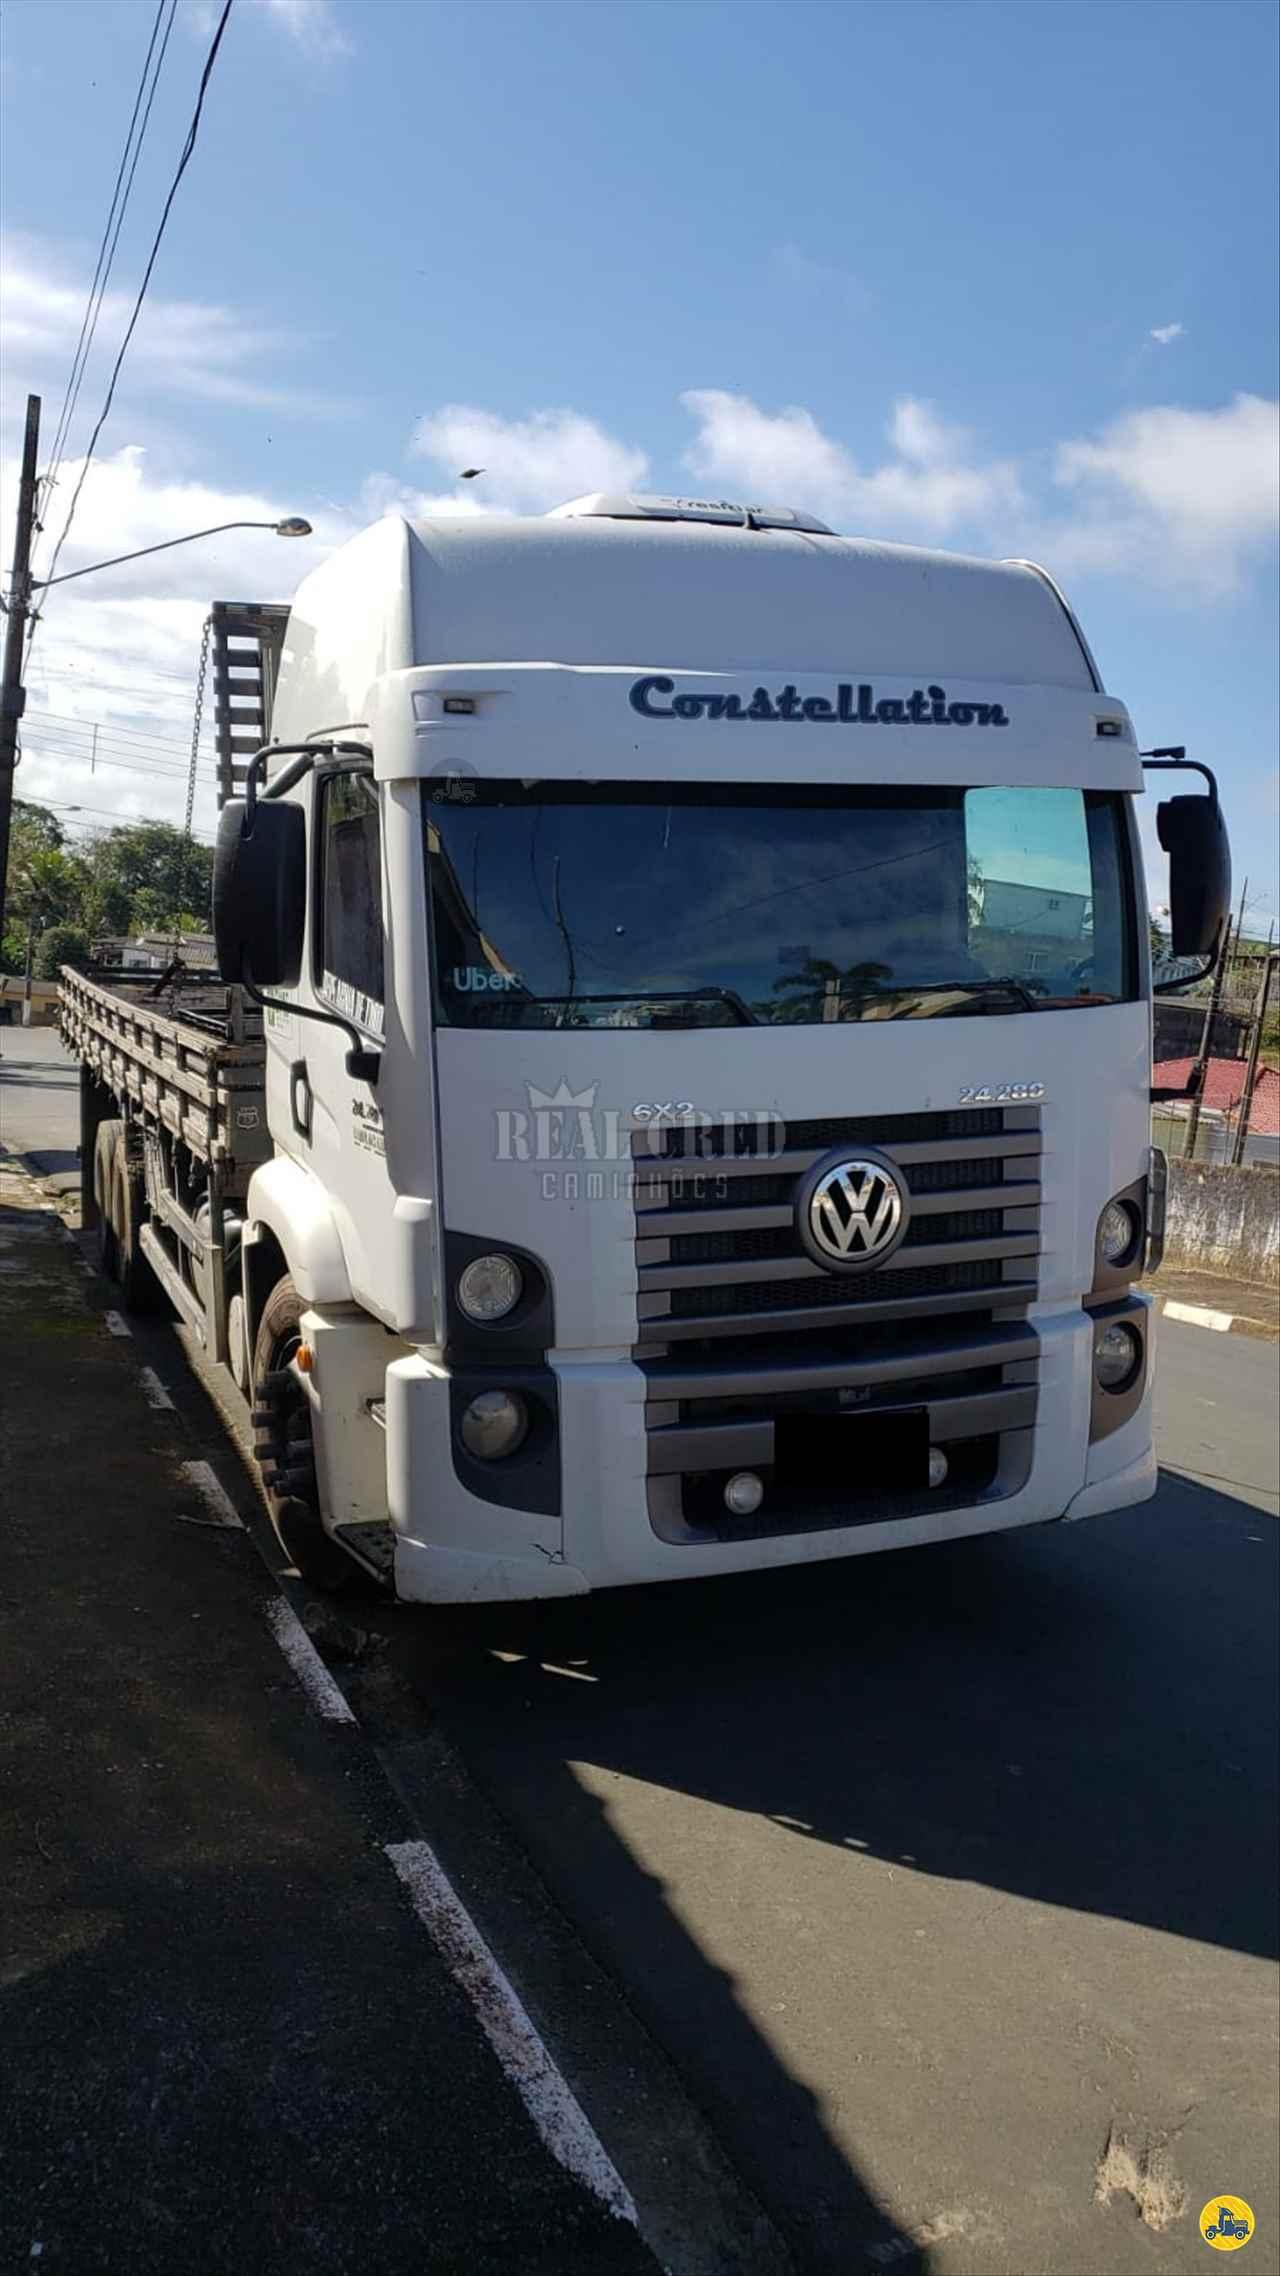 CAMINHAO VOLKSWAGEN VW 24280 Carga Seca Truck 6x2 Real Cred Caminhões PIEDADE SÃO PAULO SP